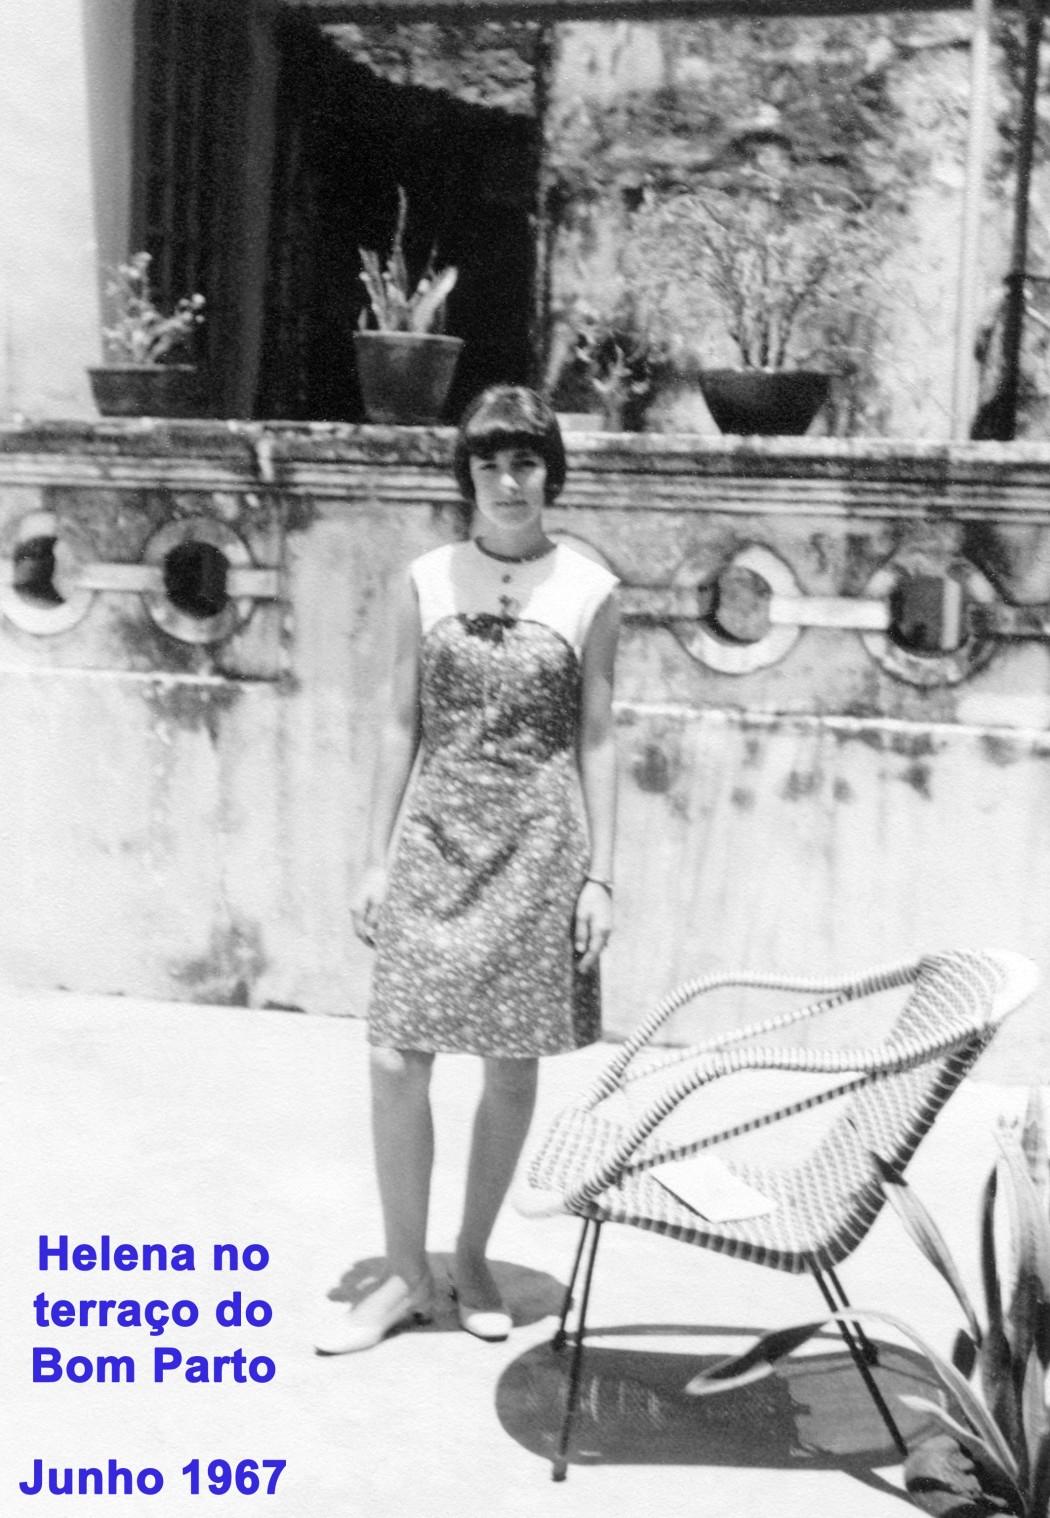 070 67-06 Helena no terraço do Bom Parto